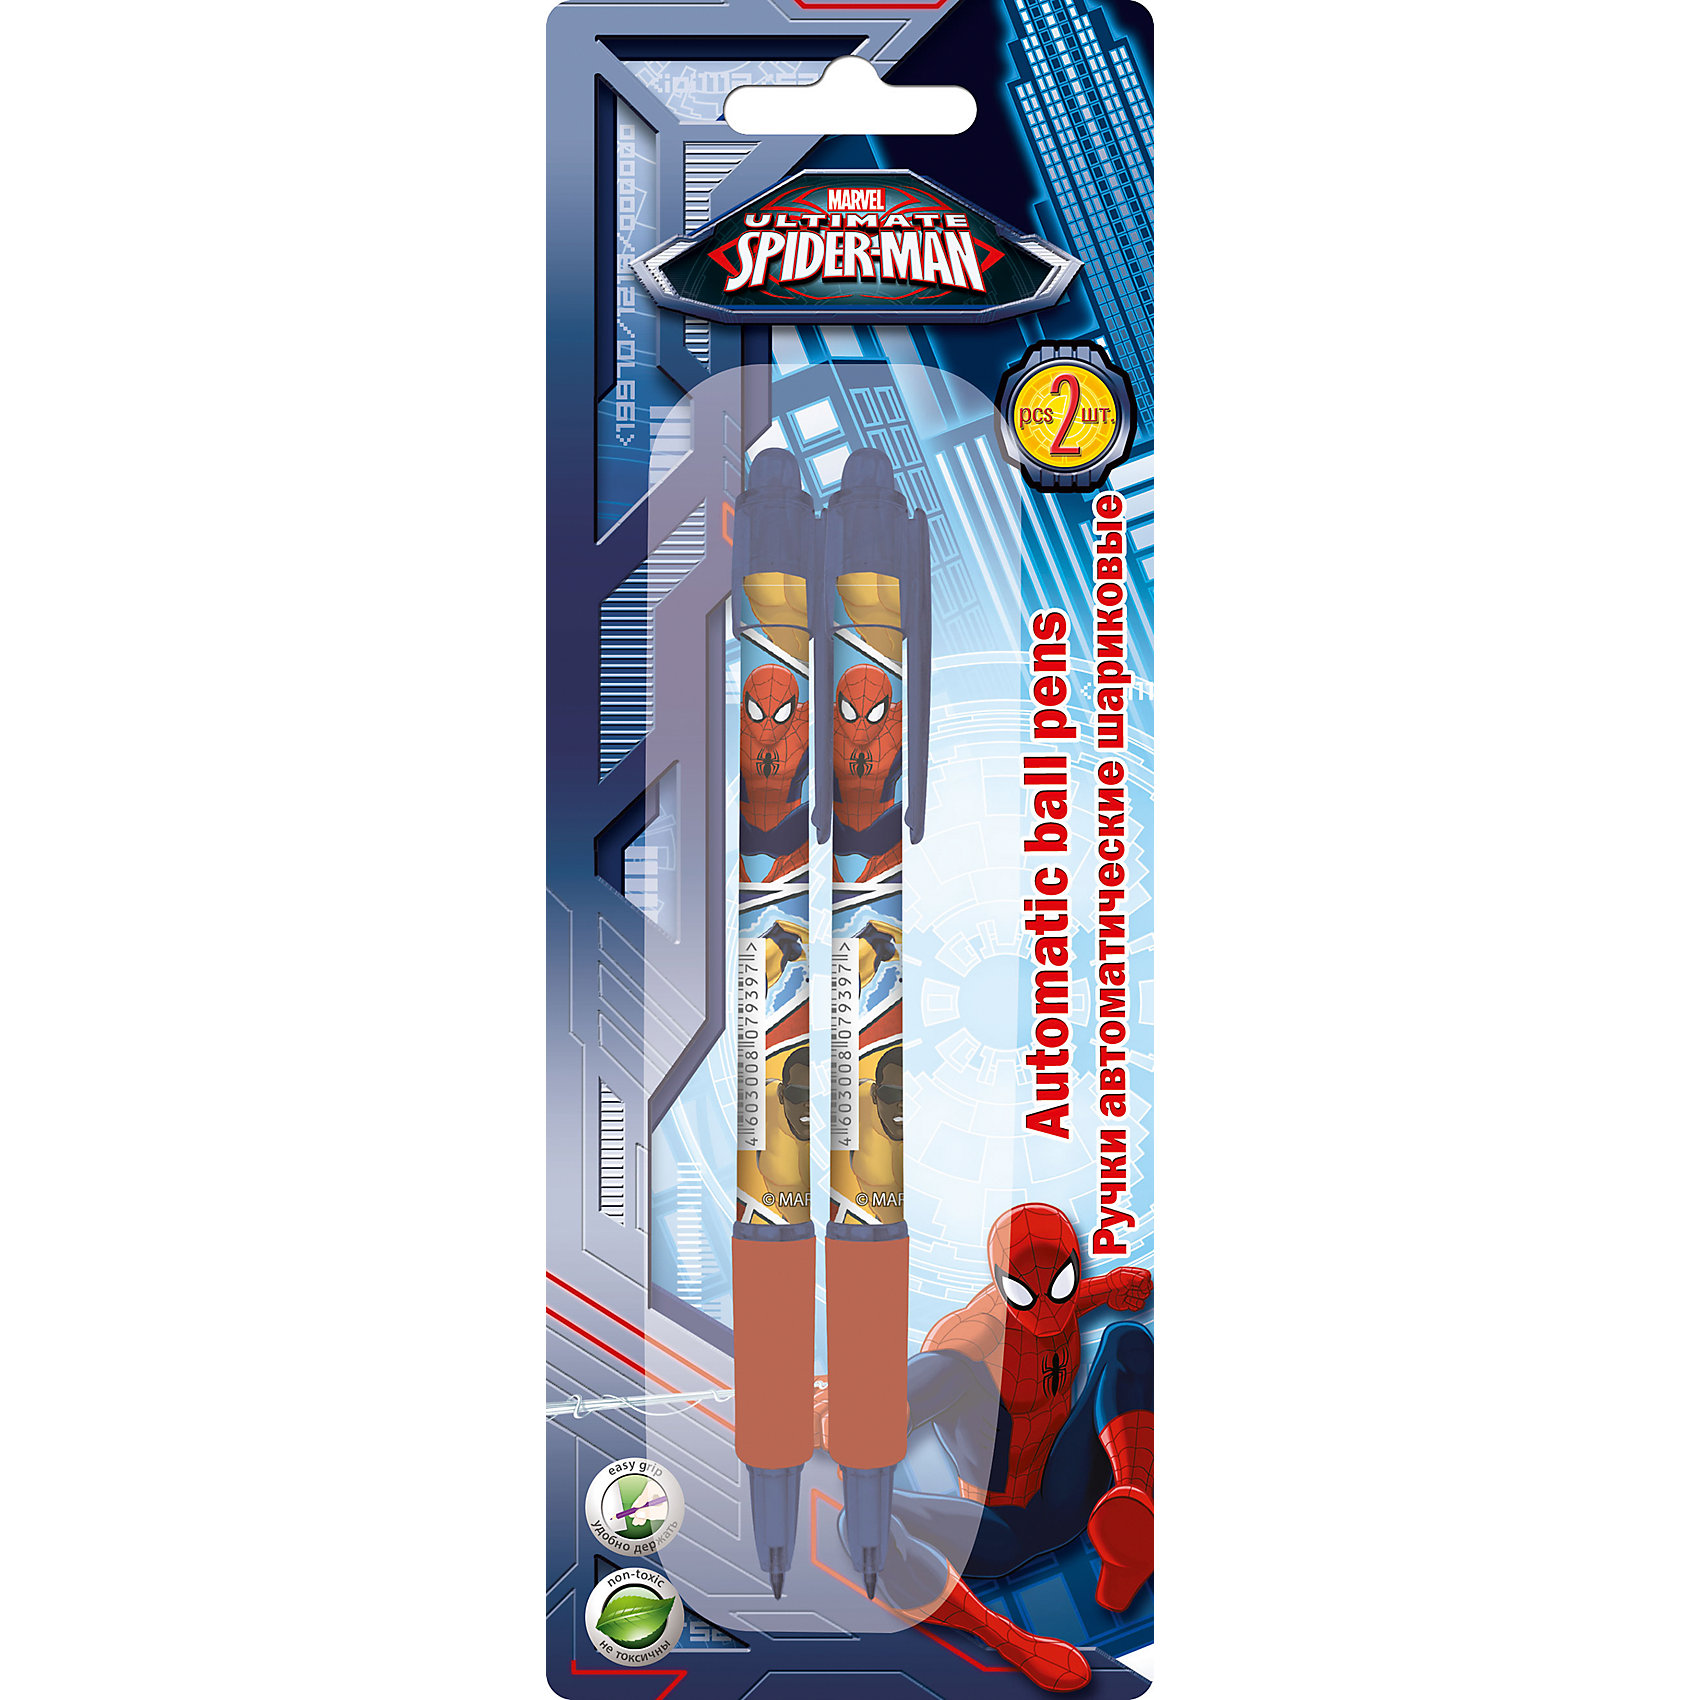 Автоматическая ручка, 2 шт, Человек-ПаукЧеловек-Паук<br>Набор автоматических ручек, Человек-Паук, замечательно подойдет для школьных и творческих занятий. В комплекте 2 шариковые ручки синего цвета, пластиковый корпус выполнен в яркой расцветке и украшен изображением популярного супергероя Spider-Man. Блистерная<br>упаковка с европодвесом.<br><br><br>Дополнительная информация:<br><br>- В комплекте: 2 шт.<br>- Цвет пасты: синий. <br>- Размер упаковки: 20 х 1,5 х 7 см.<br>- Вес: 25 гр.<br><br>Автоматическую ручку, 2 шт., Человек-Паук, можно купить в нашем интернет-магазине.<br><br>Ширина мм: 200<br>Глубина мм: 70<br>Высота мм: 15<br>Вес г: 25<br>Возраст от месяцев: 60<br>Возраст до месяцев: 84<br>Пол: Мужской<br>Возраст: Детский<br>SKU: 4681139